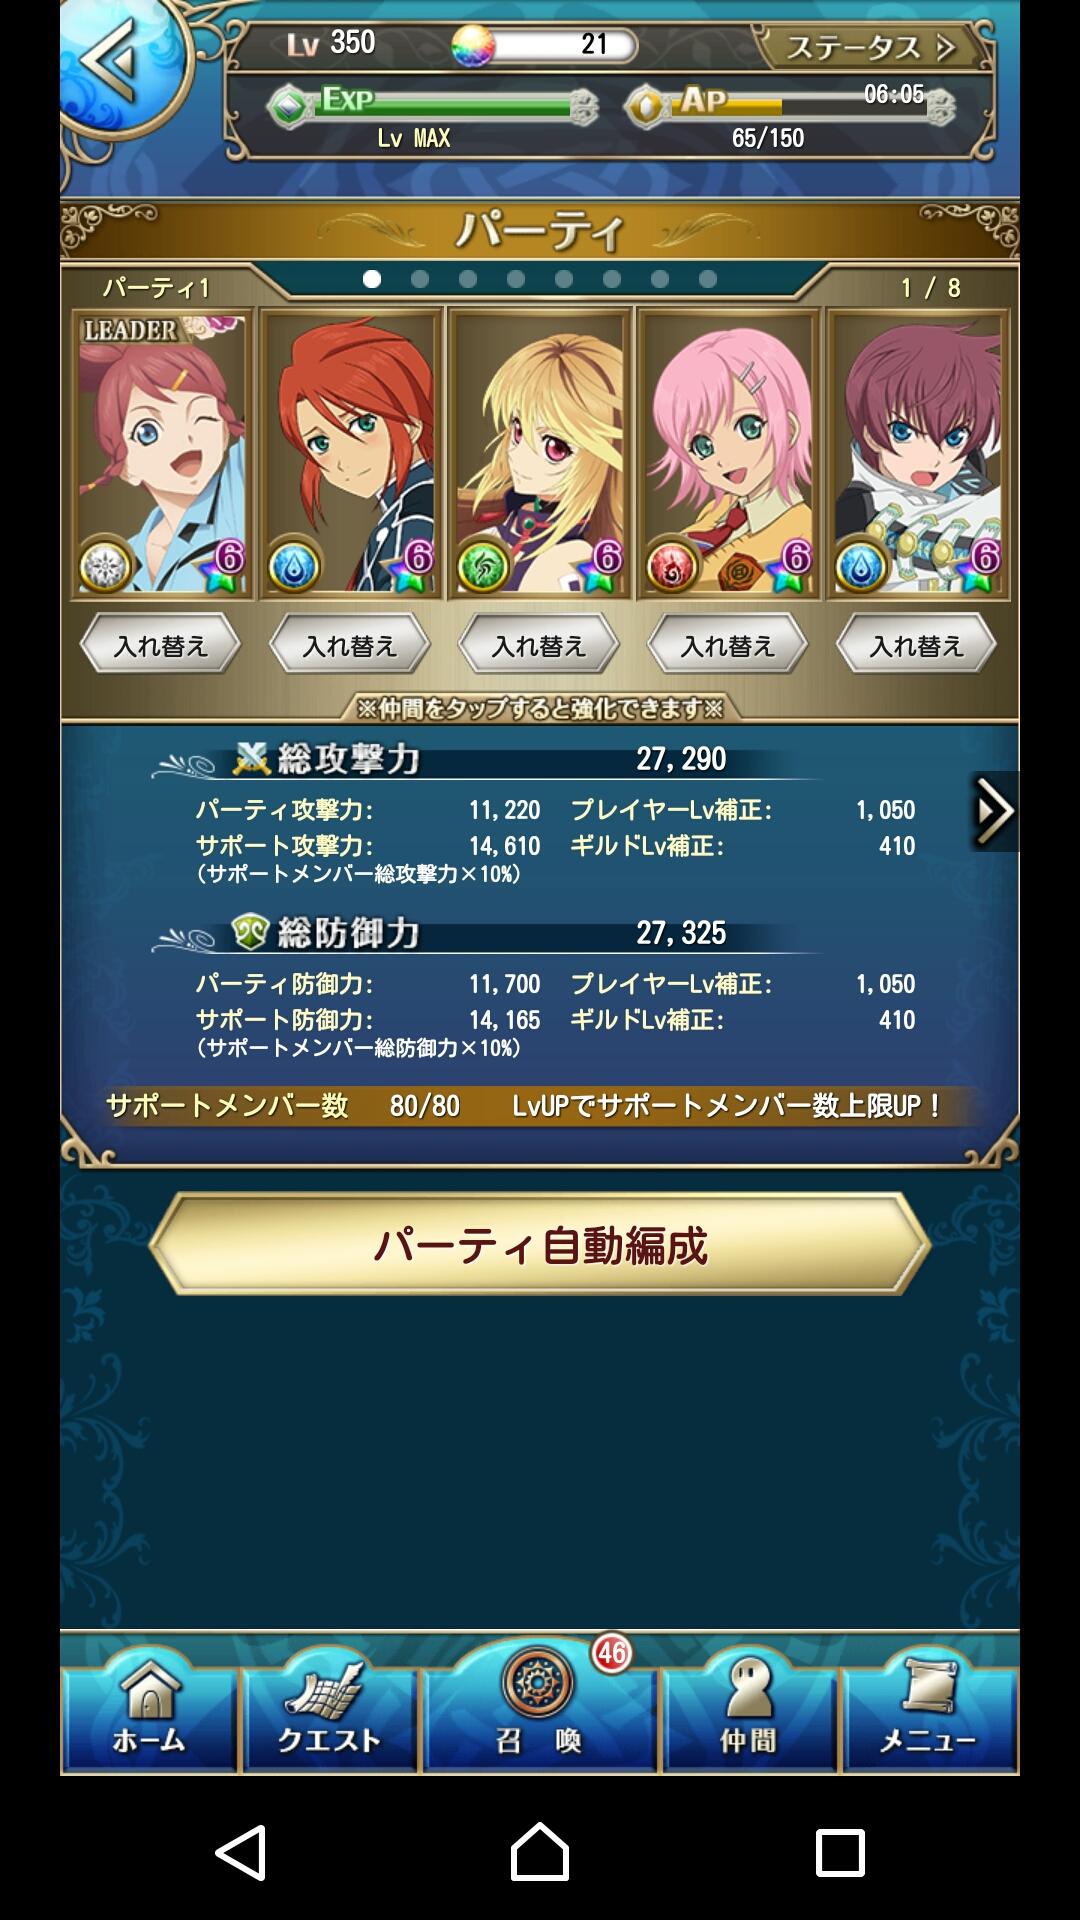 オール☆6パーティー